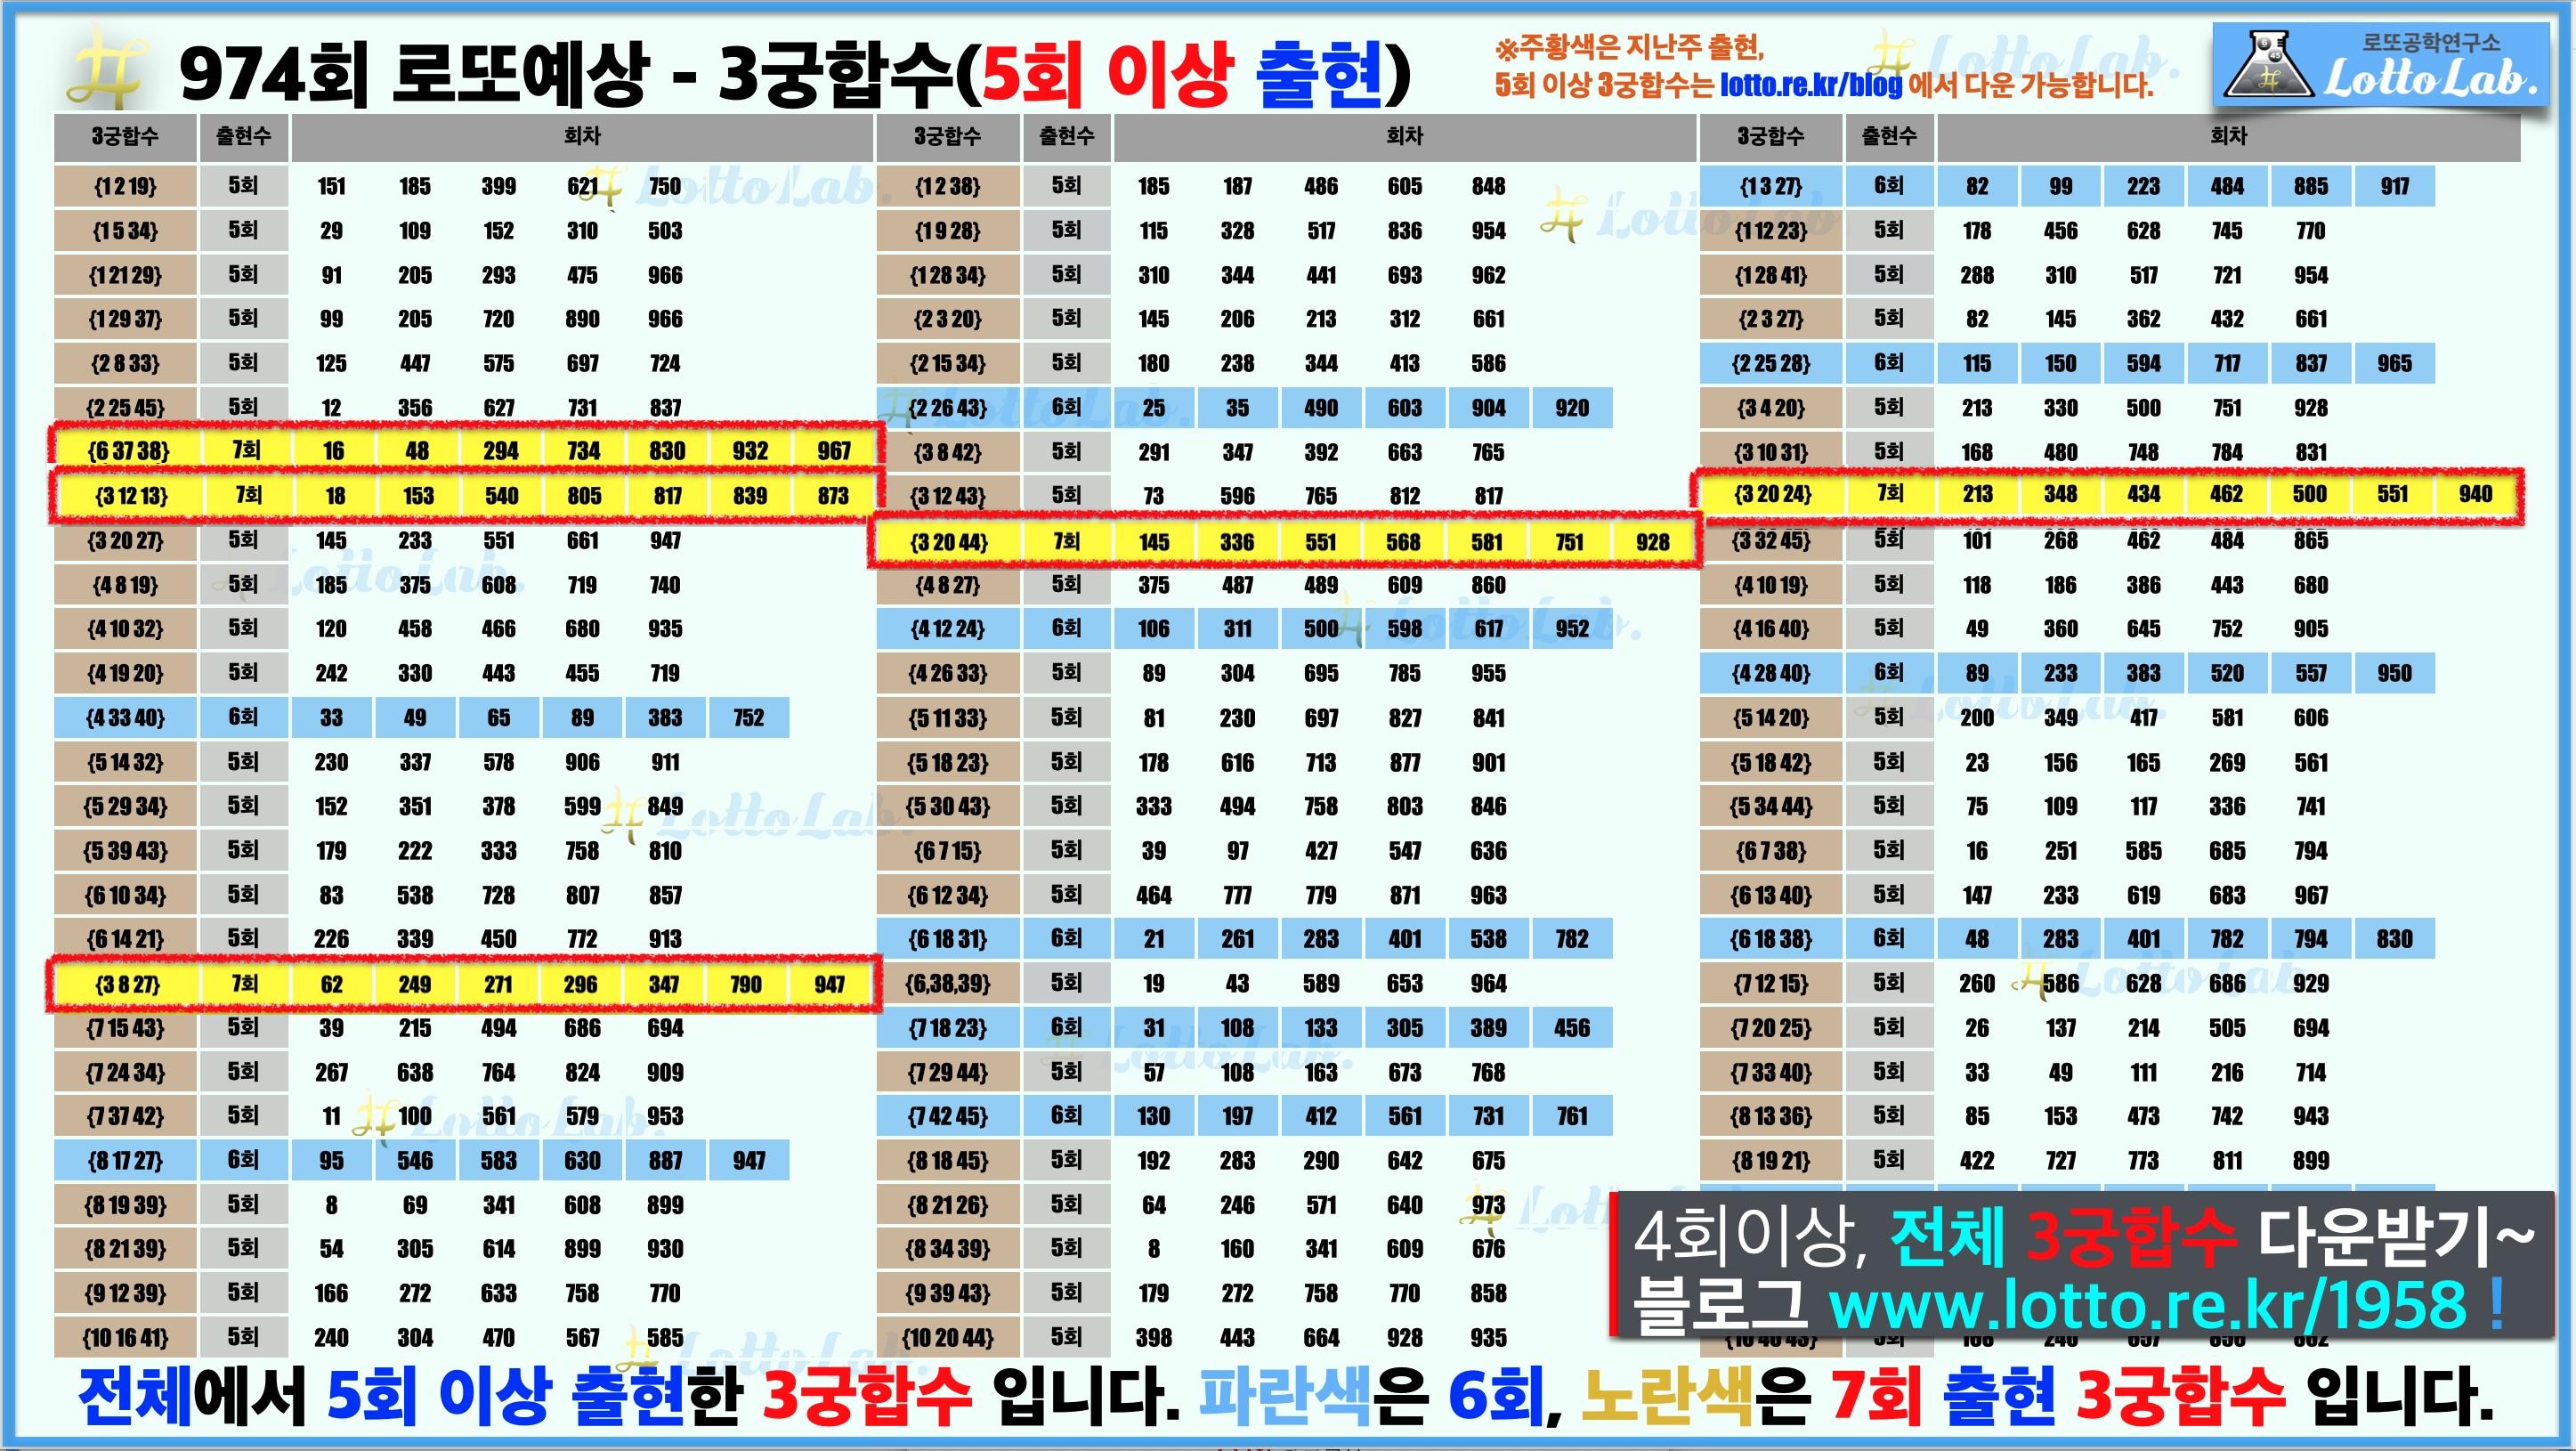 로또랩 로또974 당첨 번호 예상 - 3궁합수1